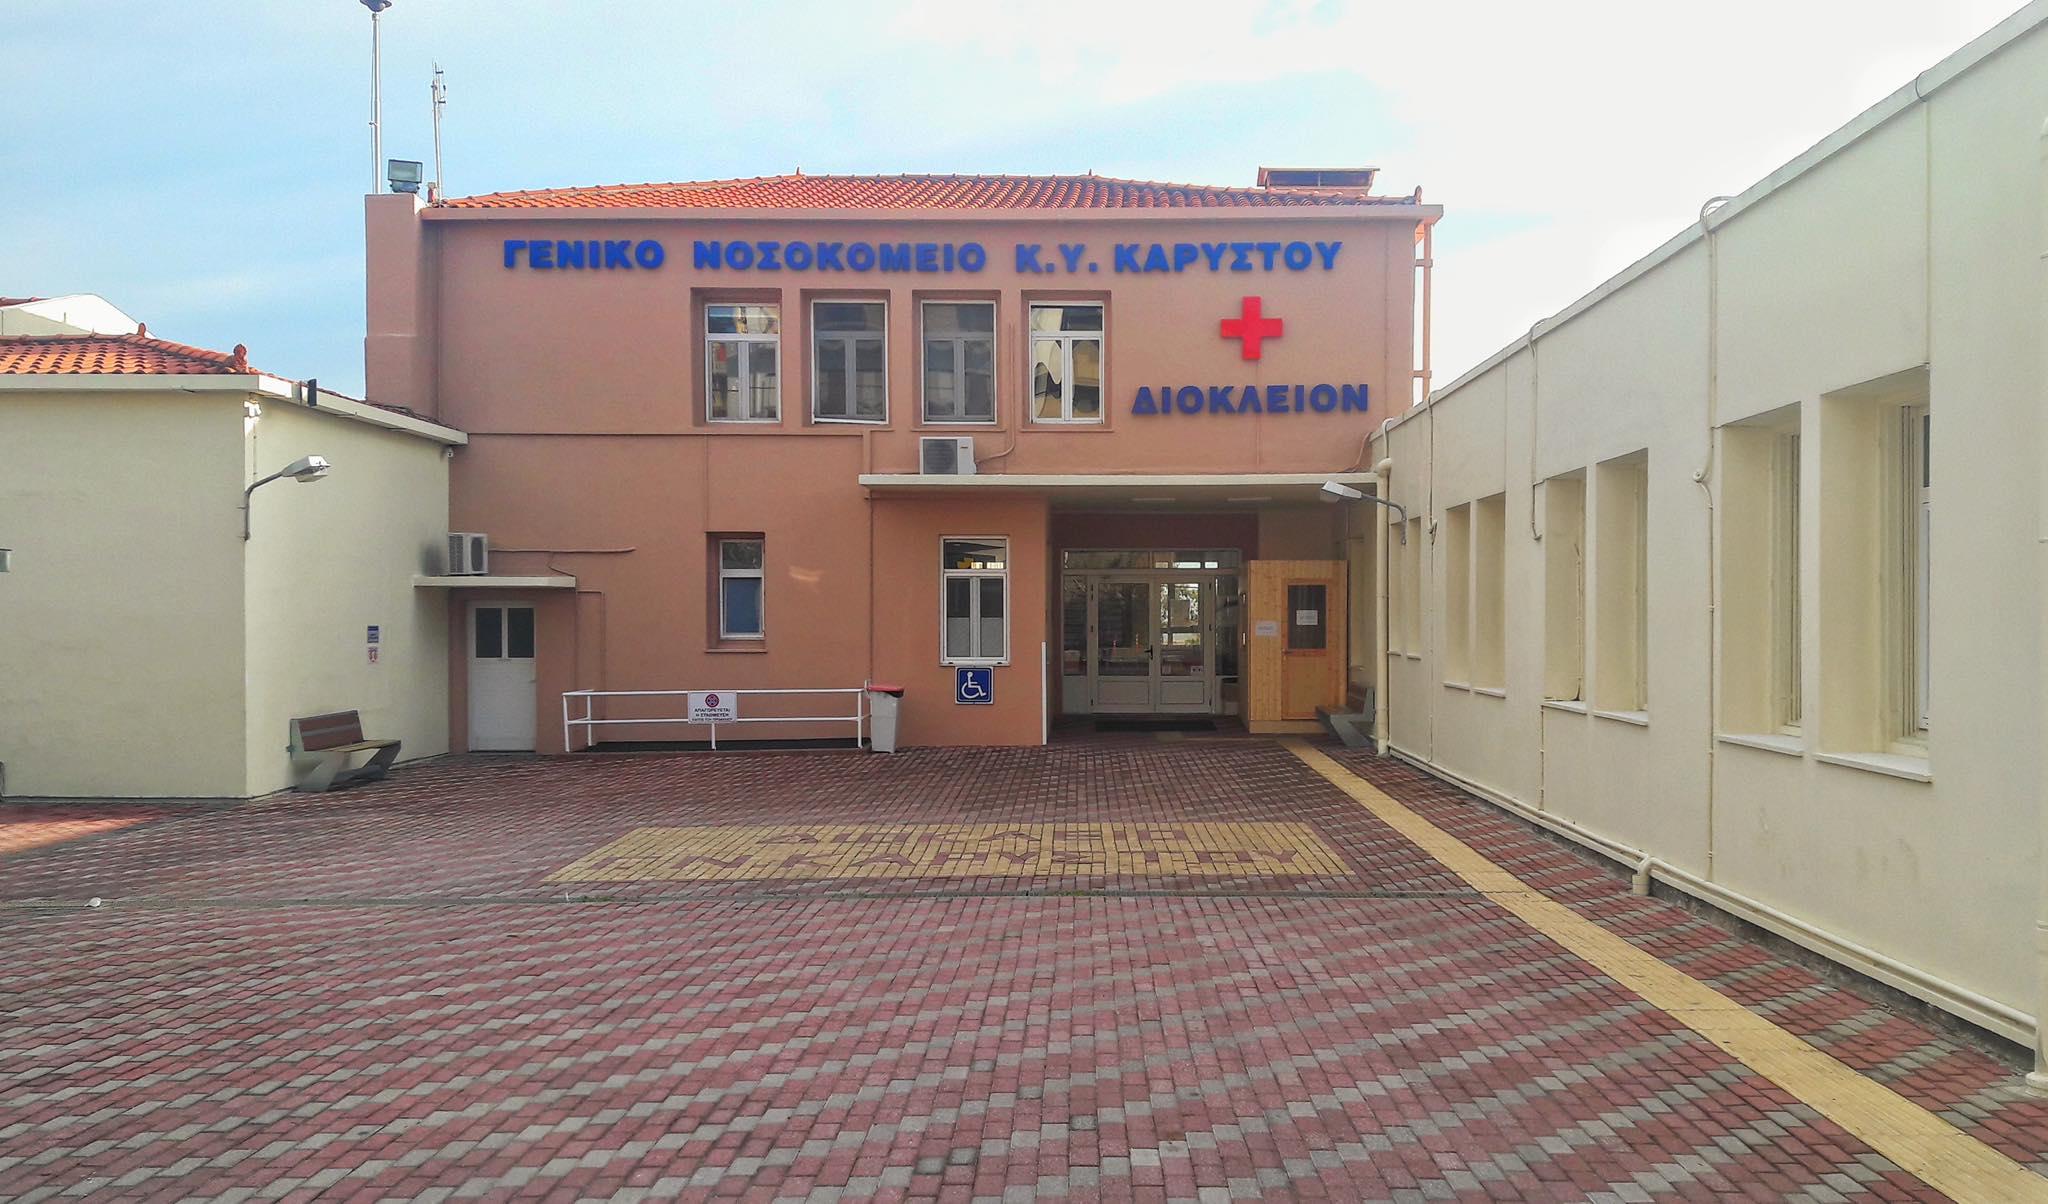 Έναρξη λειτουργίας Γραφείου Ψυχολογικής Υποστήριξης στο νοσοκομείο Καρύστου